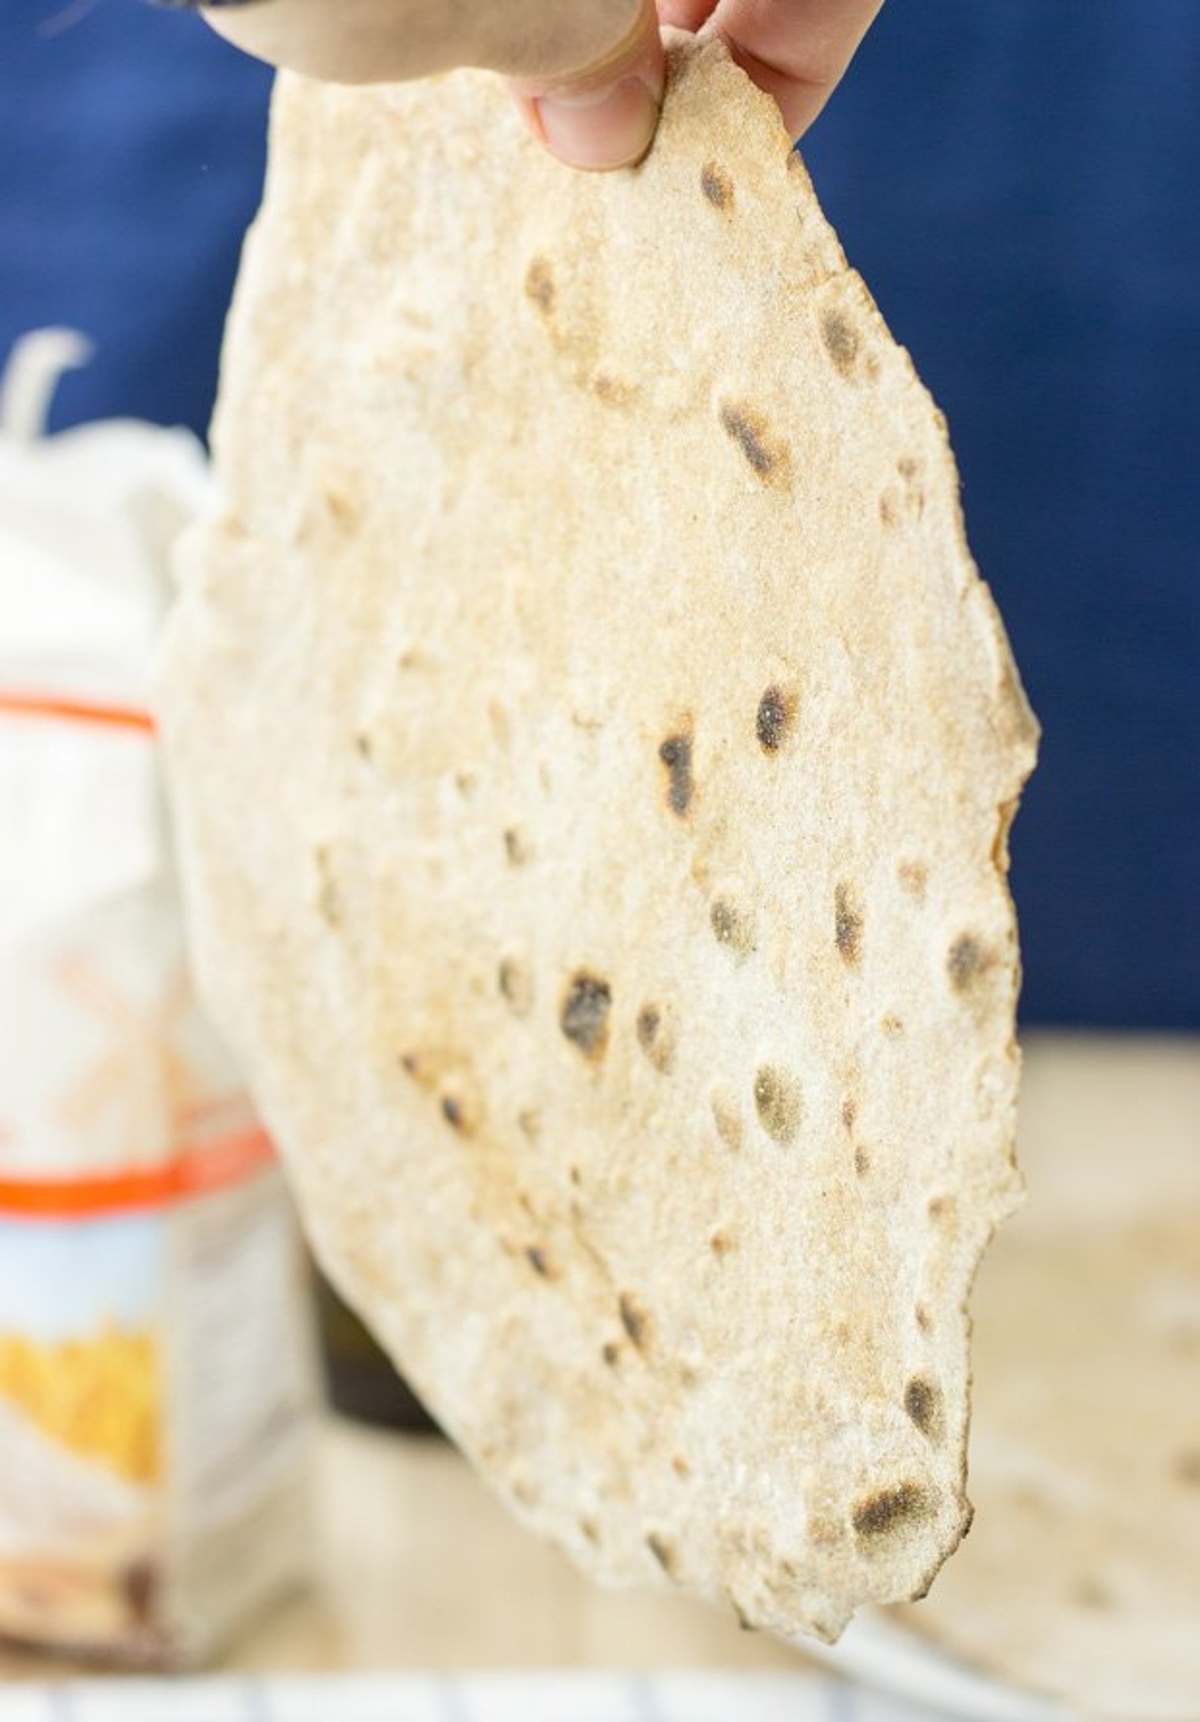 How To Make The Best Flour Tortillas #vegetarian #homemade | hurrythefoodup.com